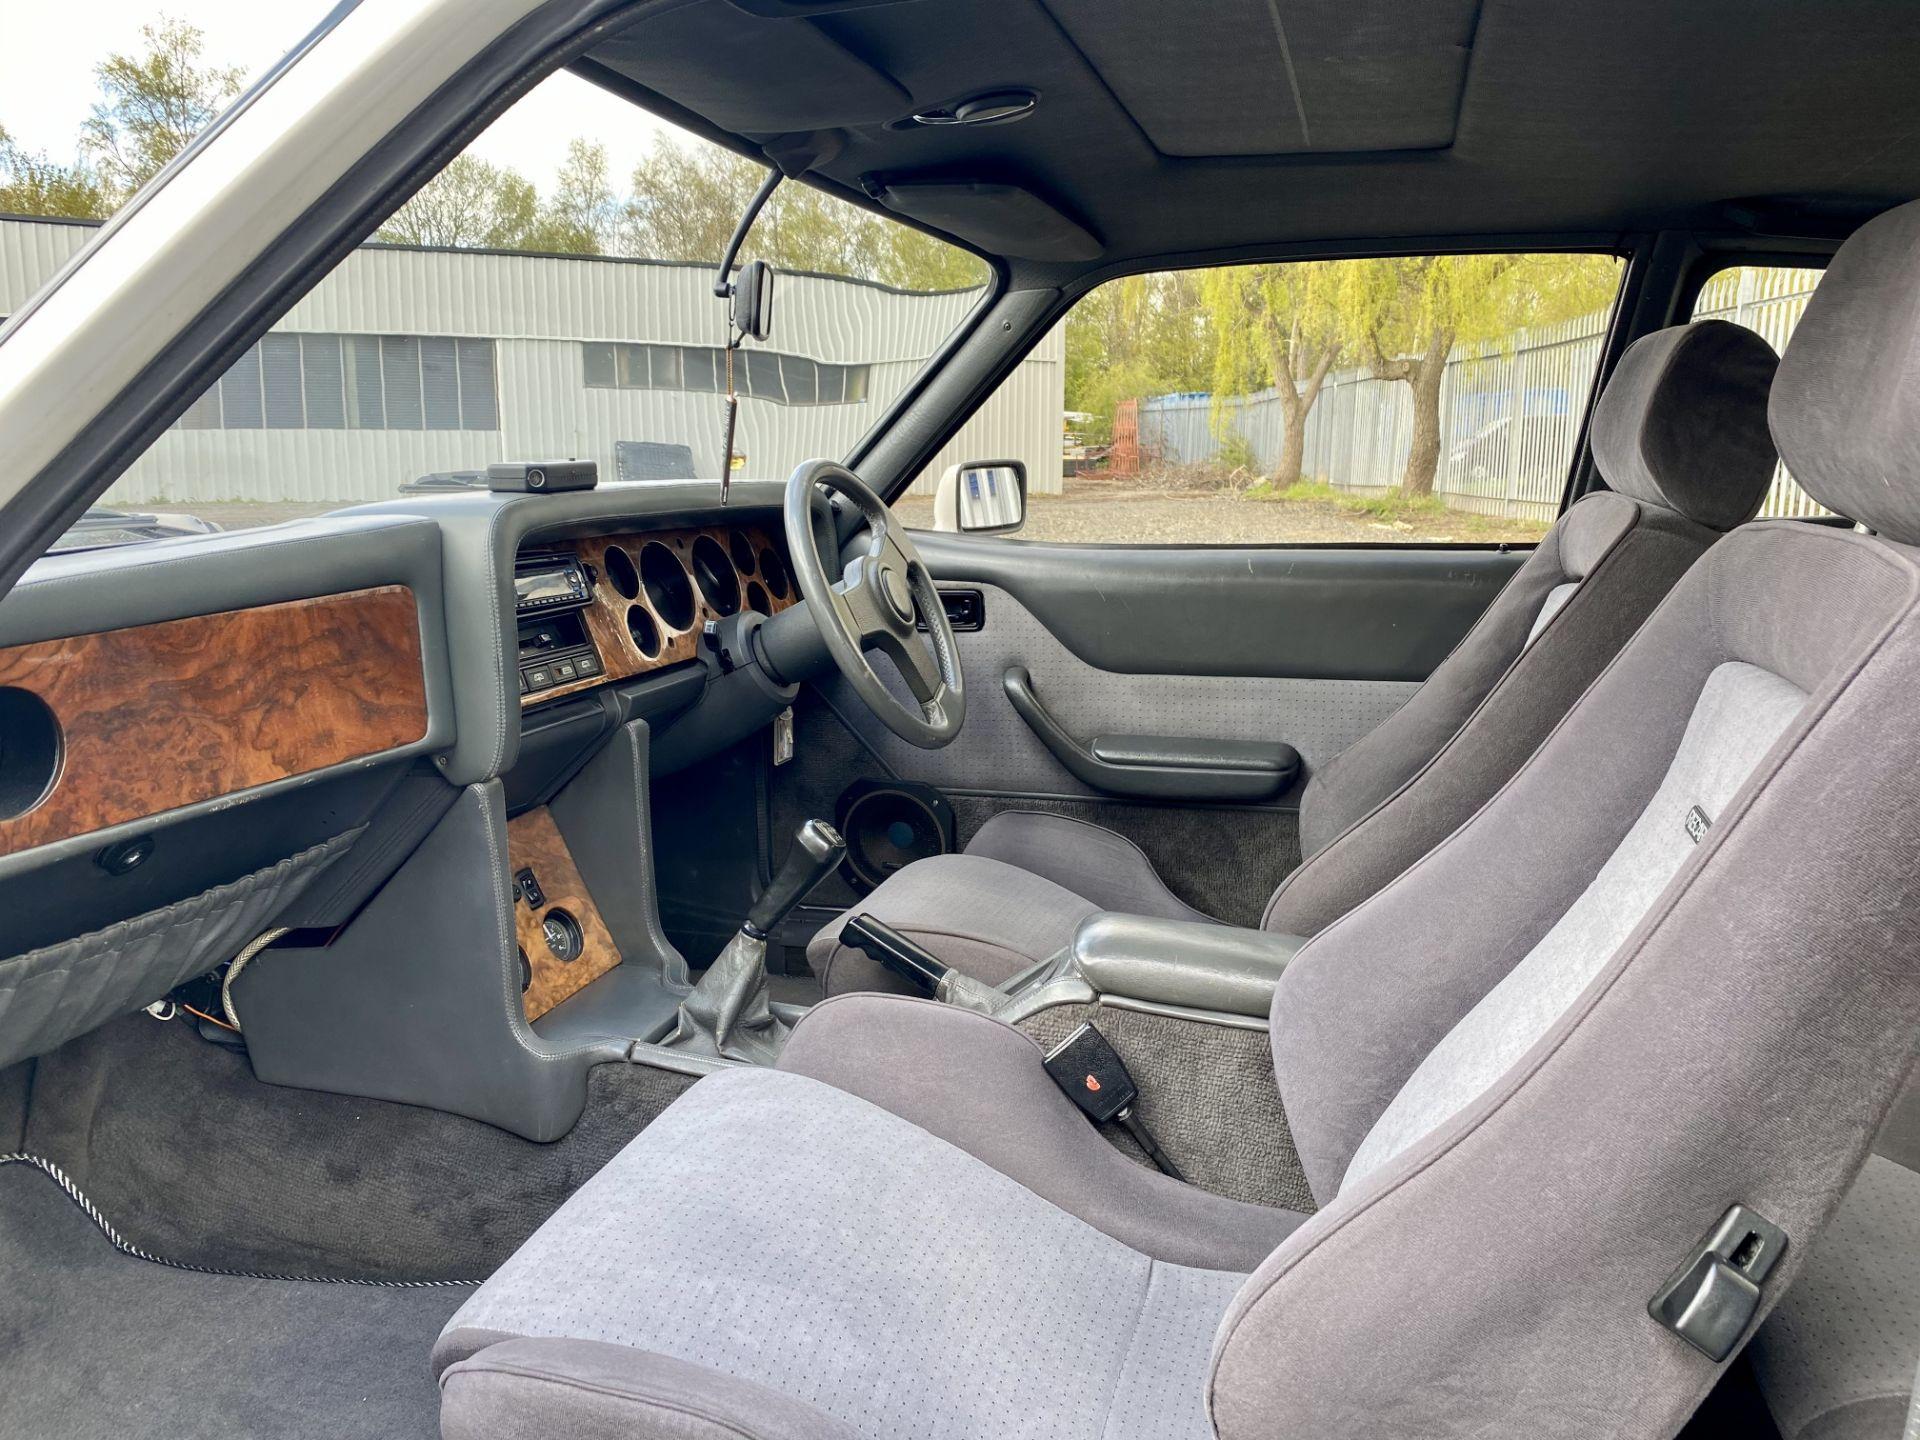 Ford Capri Tickford Turbo - Image 47 of 62